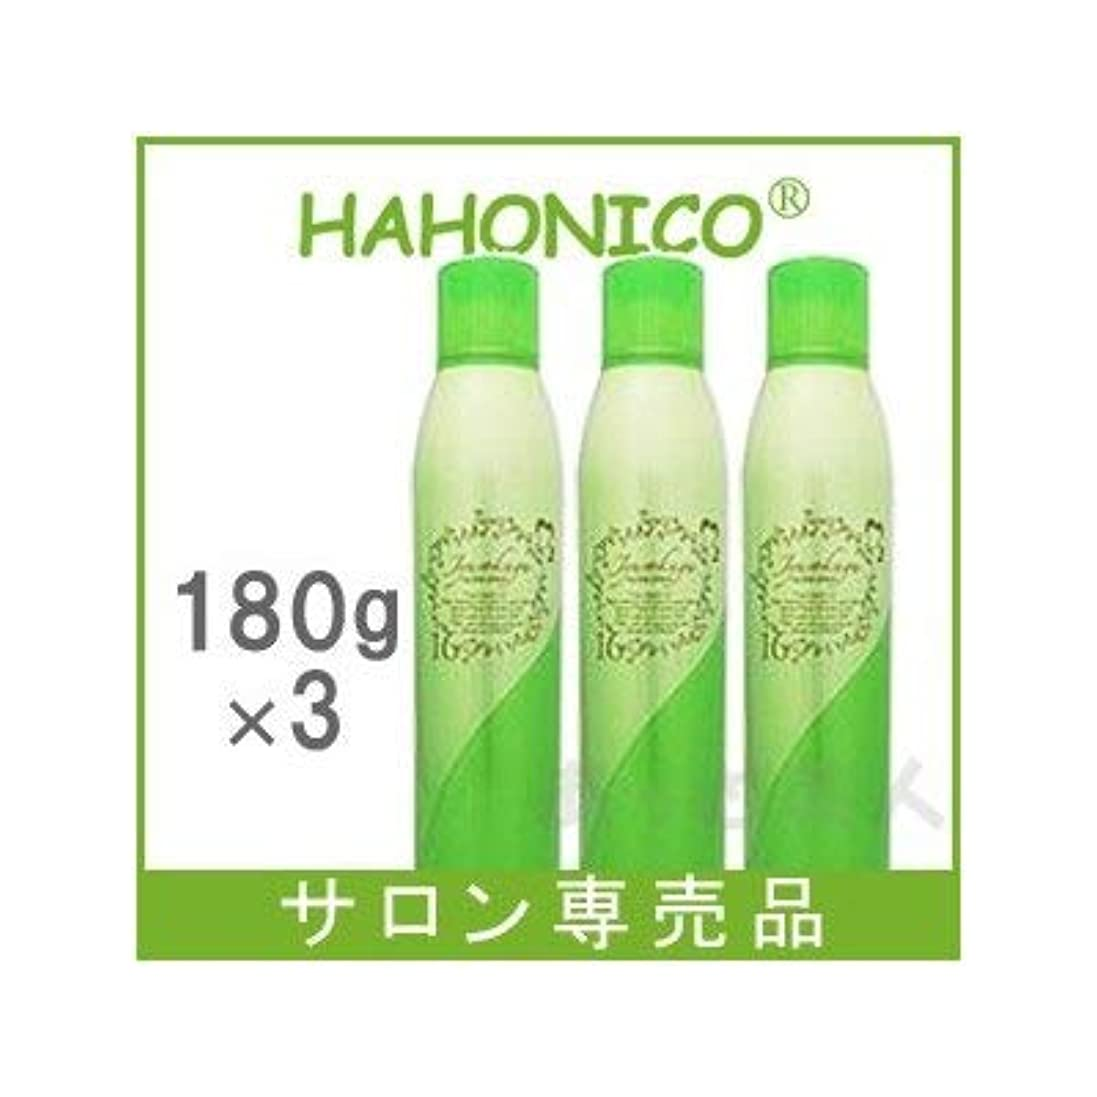 白雪姫異形すべて【X3個セット】 ハホニコ ジュウロクユ ツヤスプレー 180g 十六油 HAHONICO